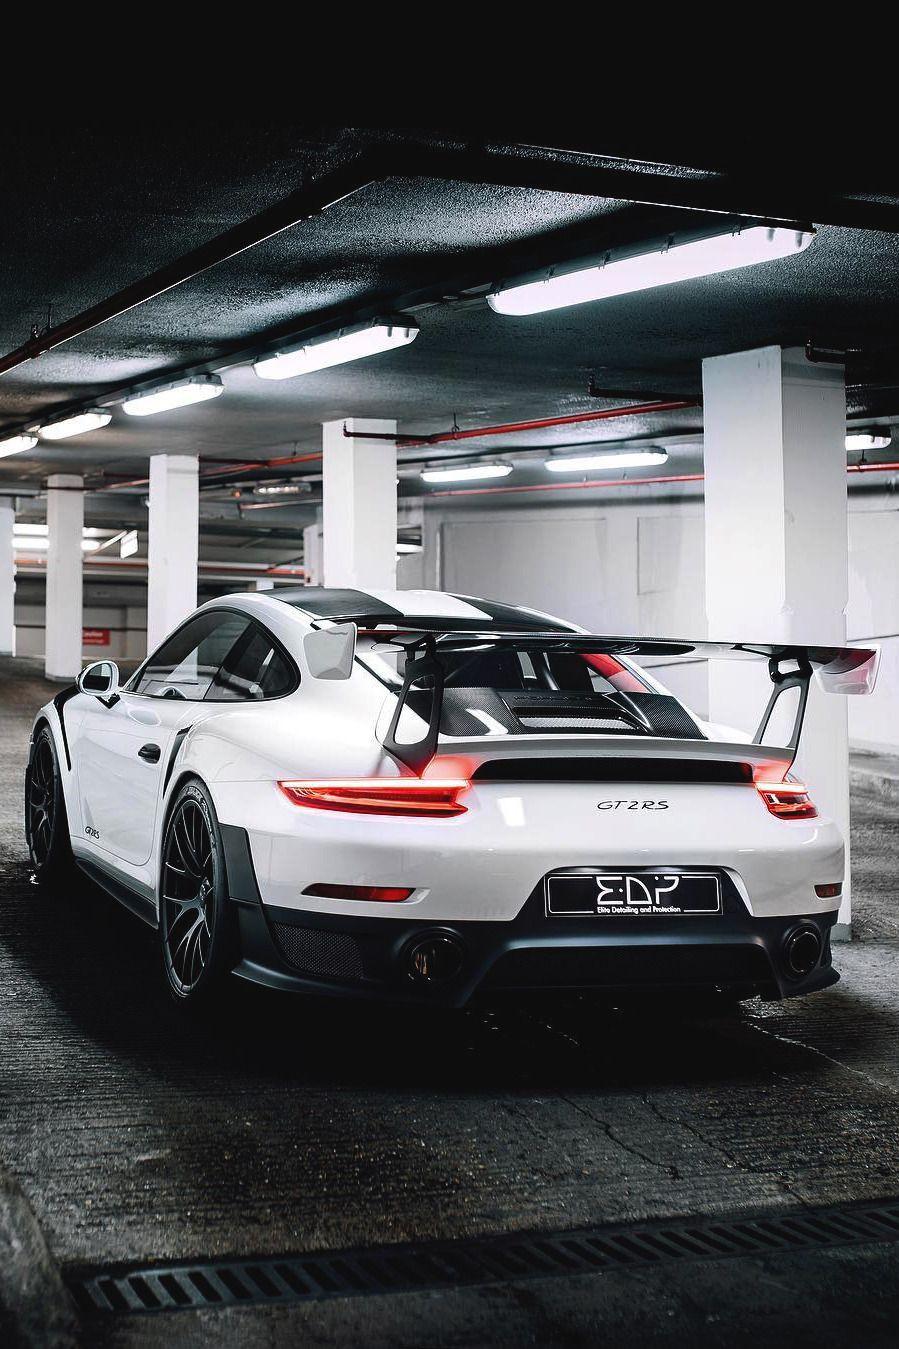 Porsche Gt2 Rs Carros De Luxo Super Carros Carros Exoticos